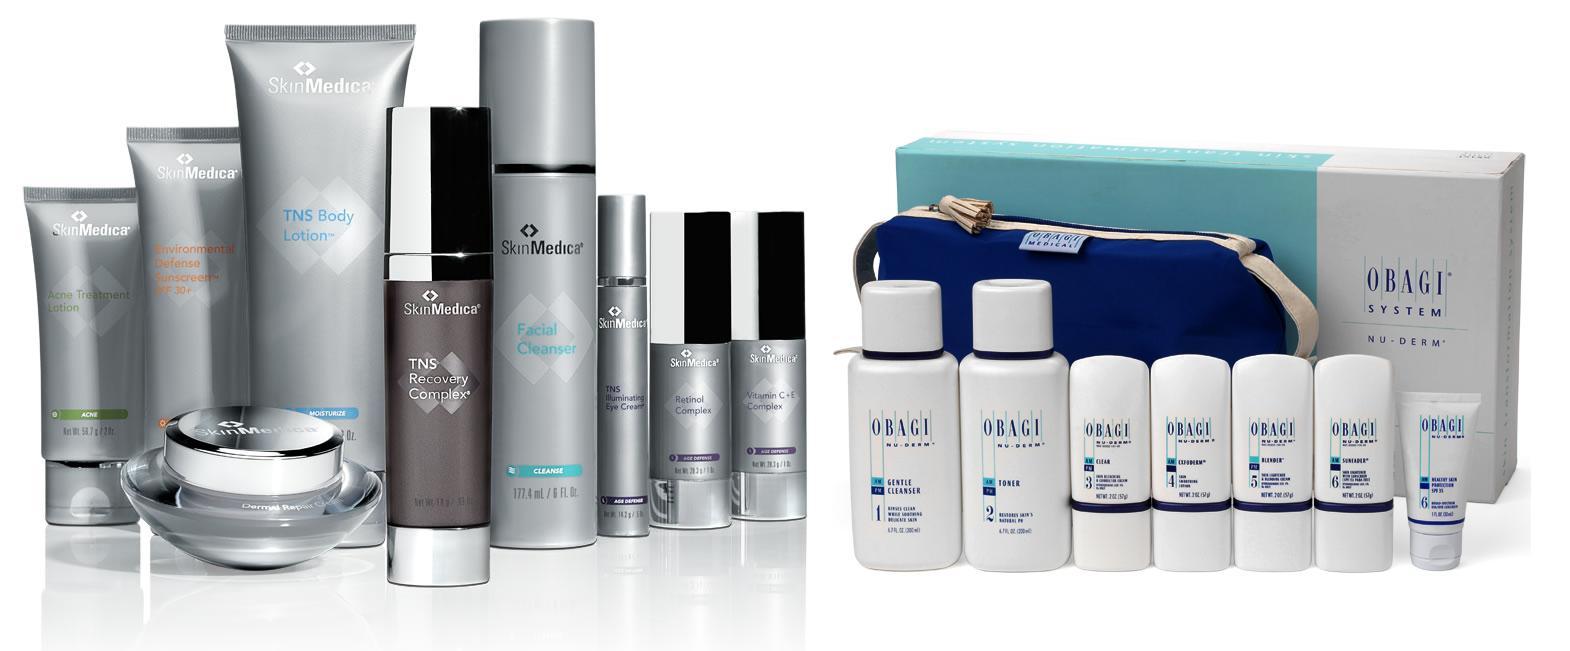 SkinMedica & Obagi